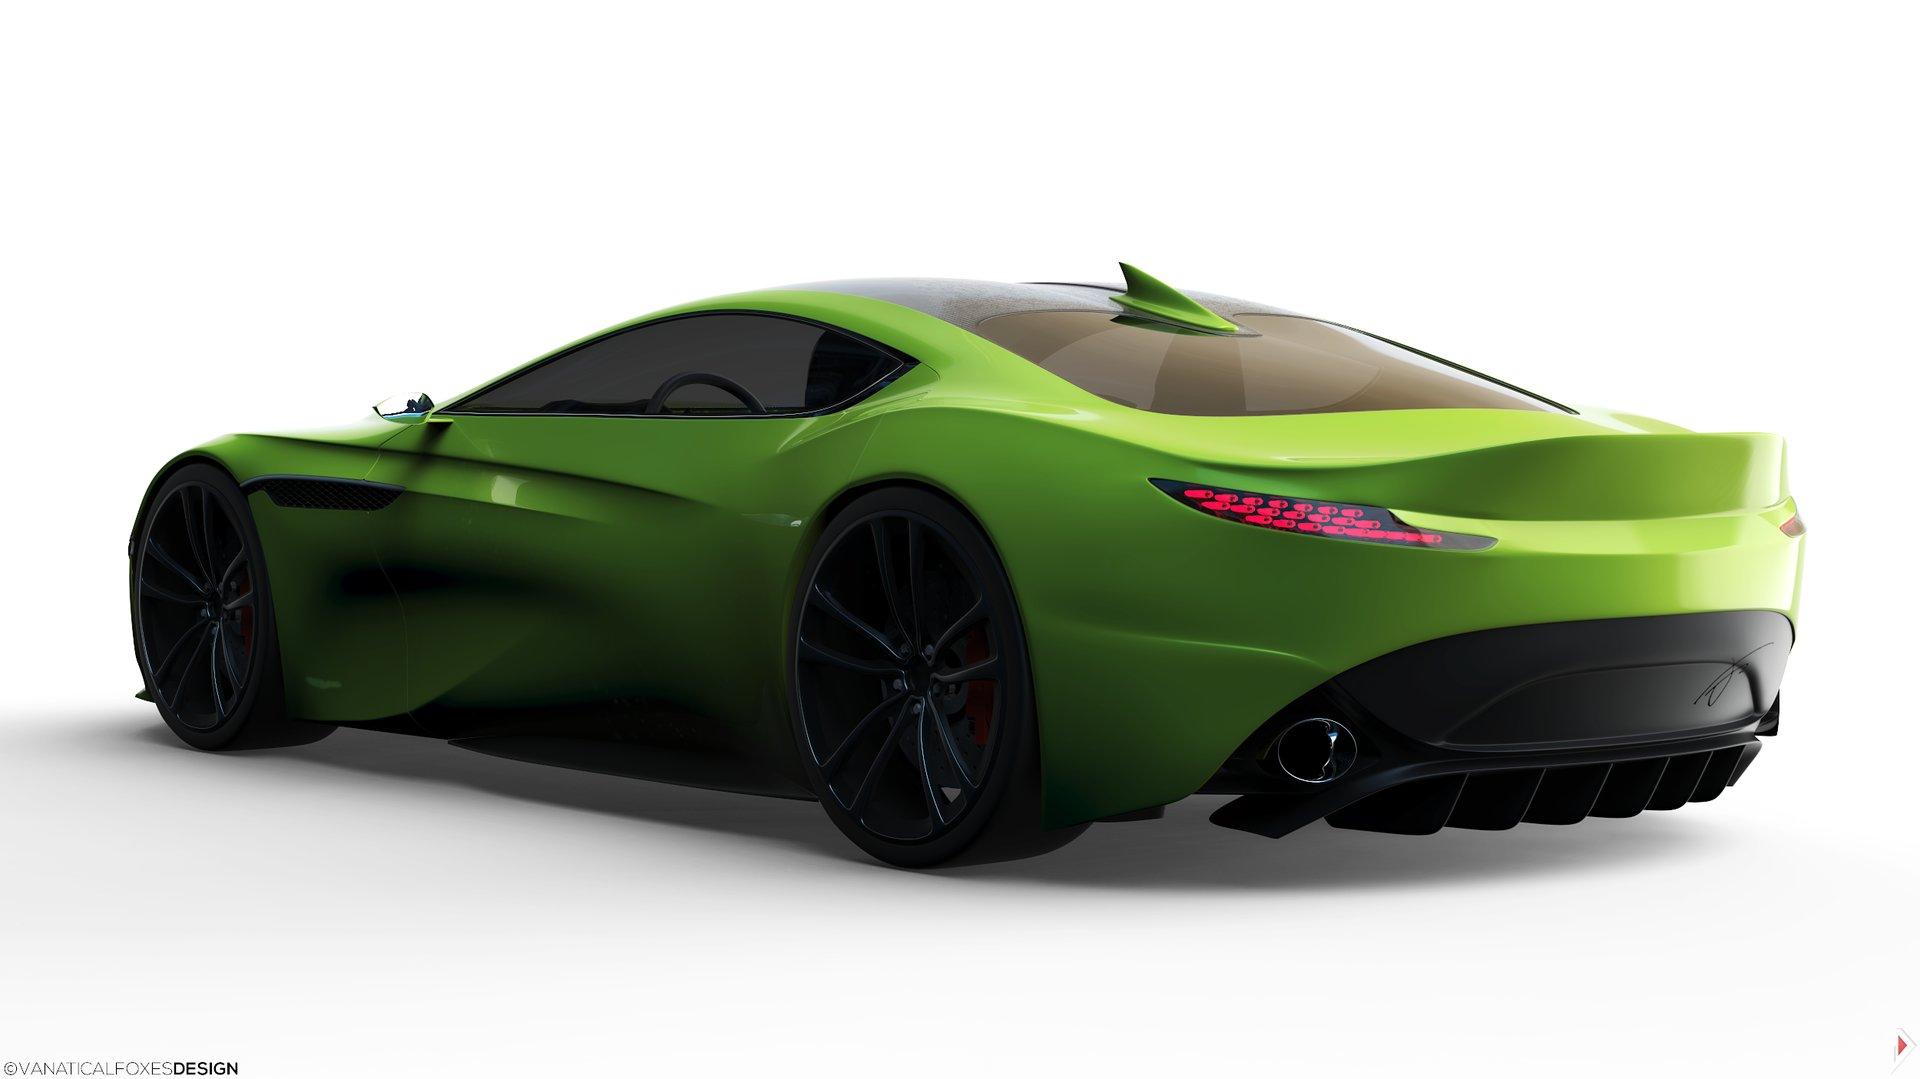 Aston martin db11 concept